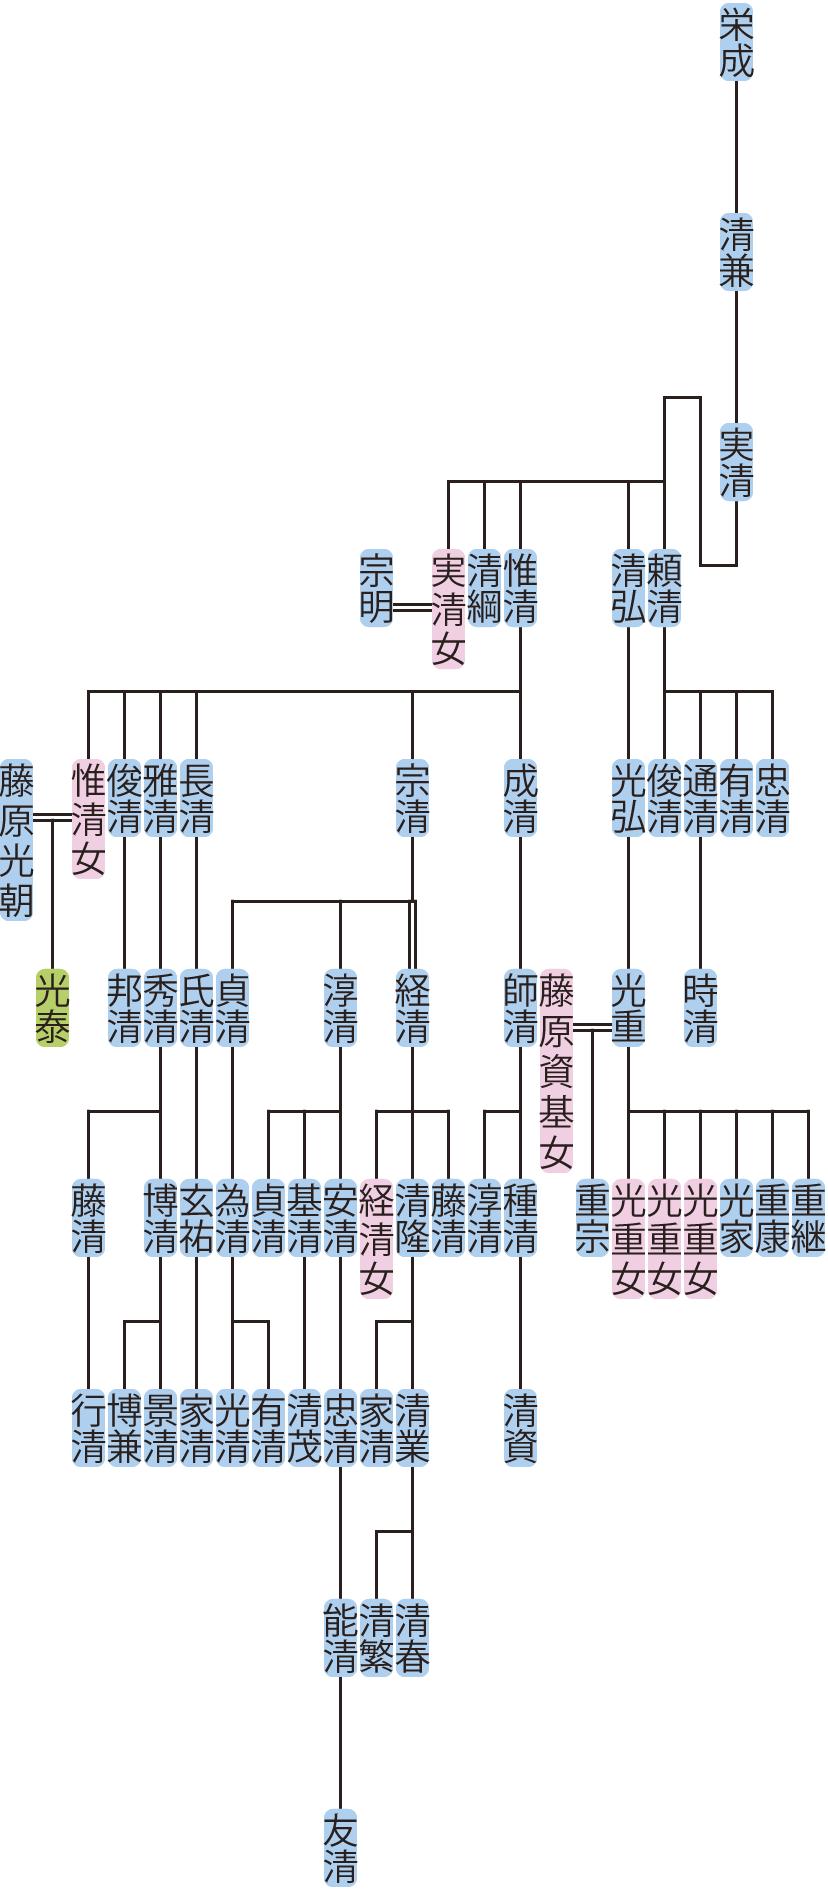 藤原実清の系図